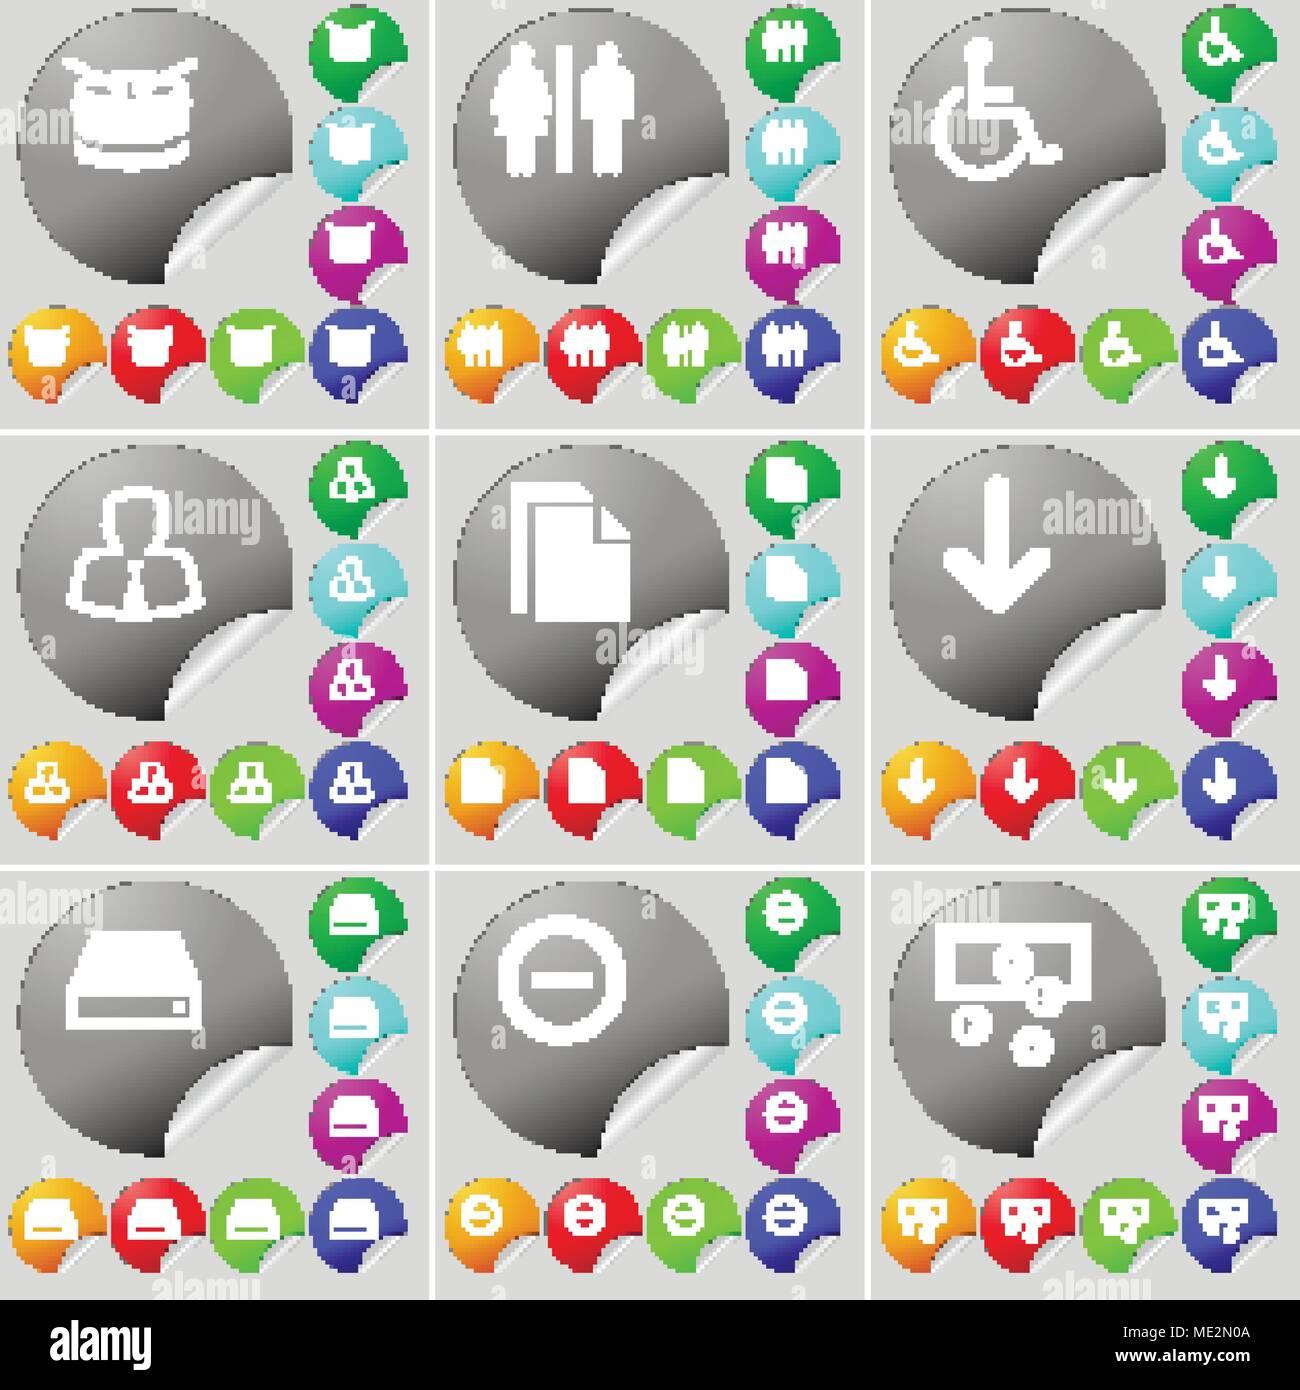 Drum Wc Behinderten Menschen Avatar Pdf Pfeil Nach